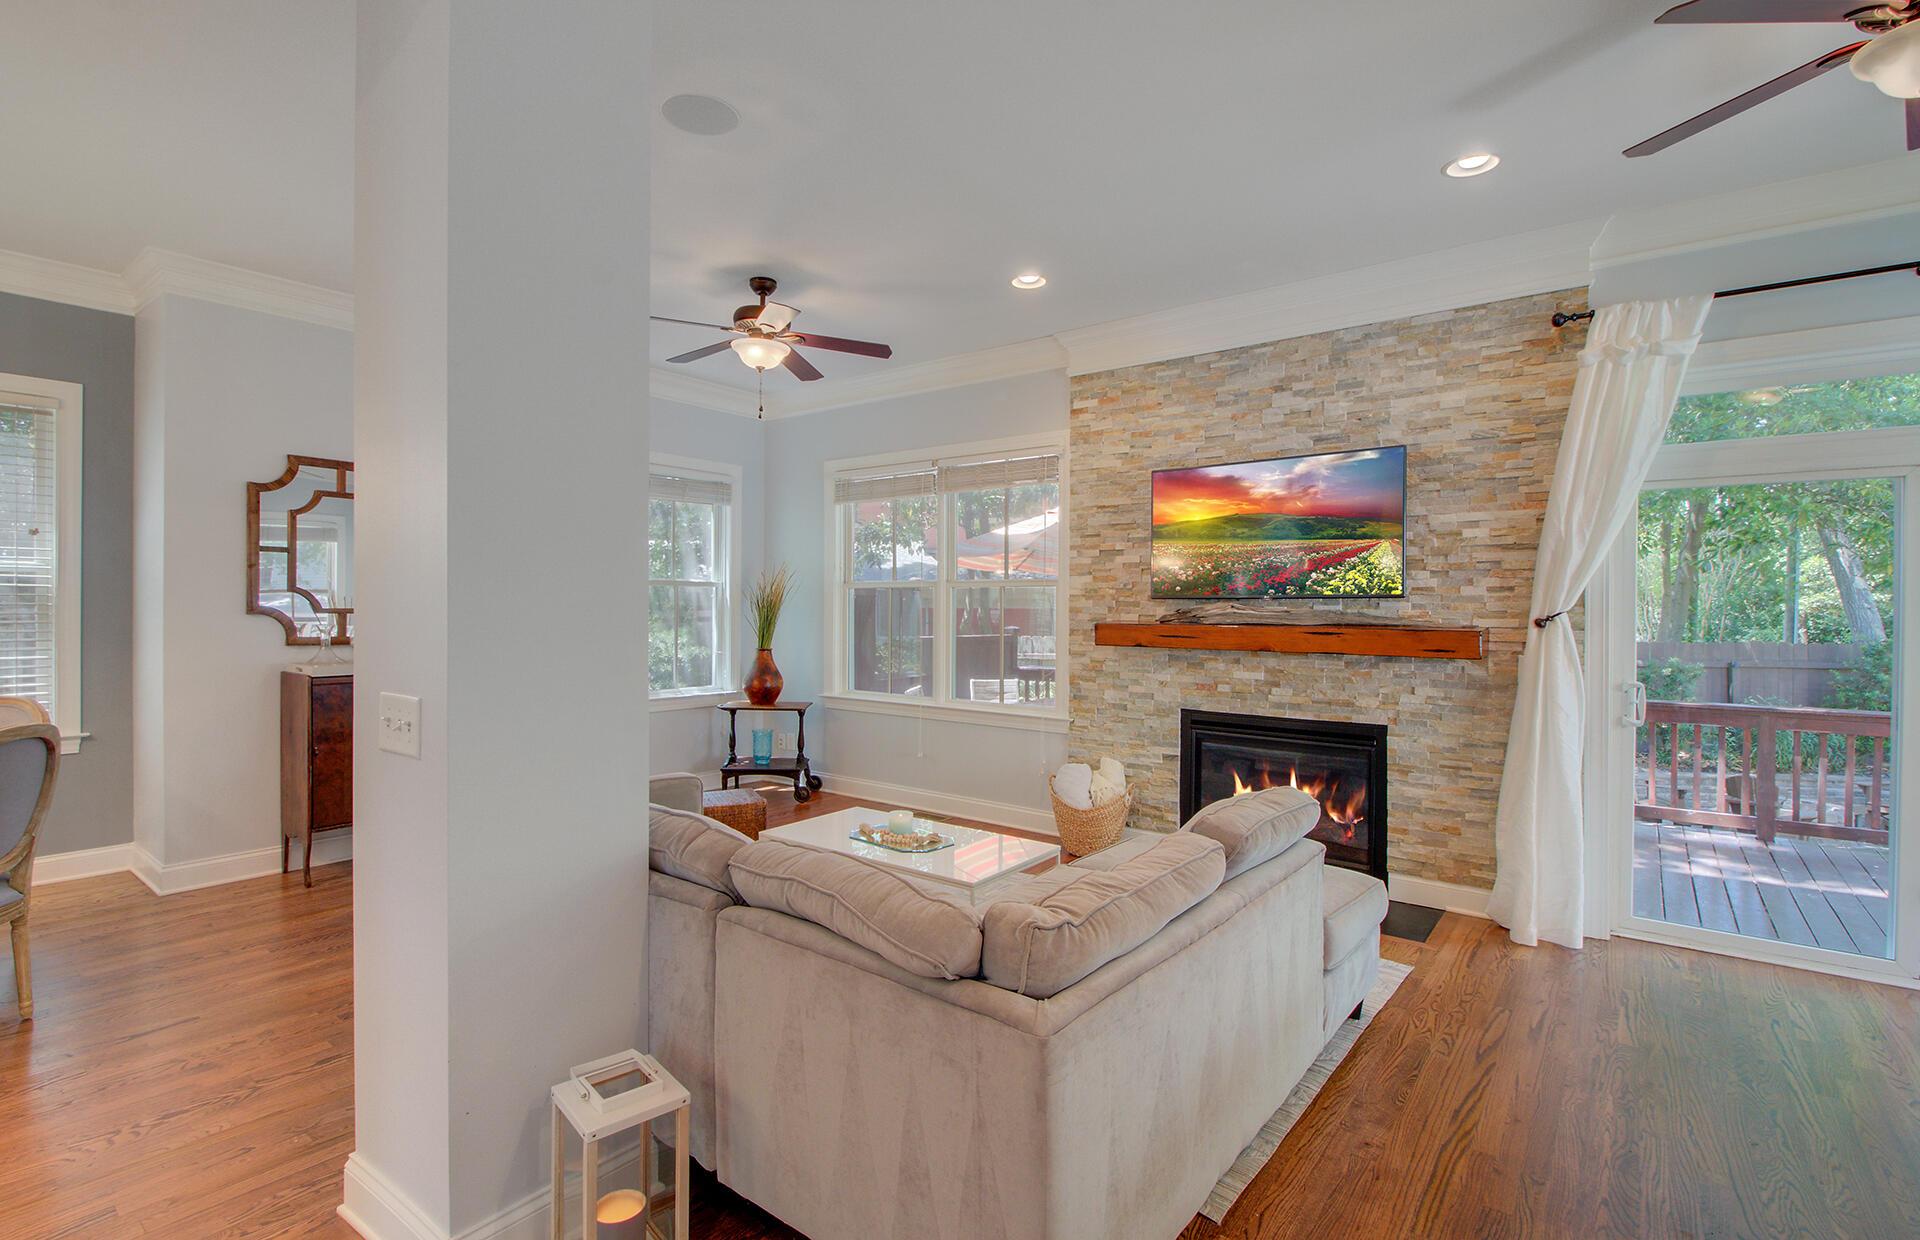 Phillips Park Homes For Sale - 1129 Phillips Park, Mount Pleasant, SC - 26